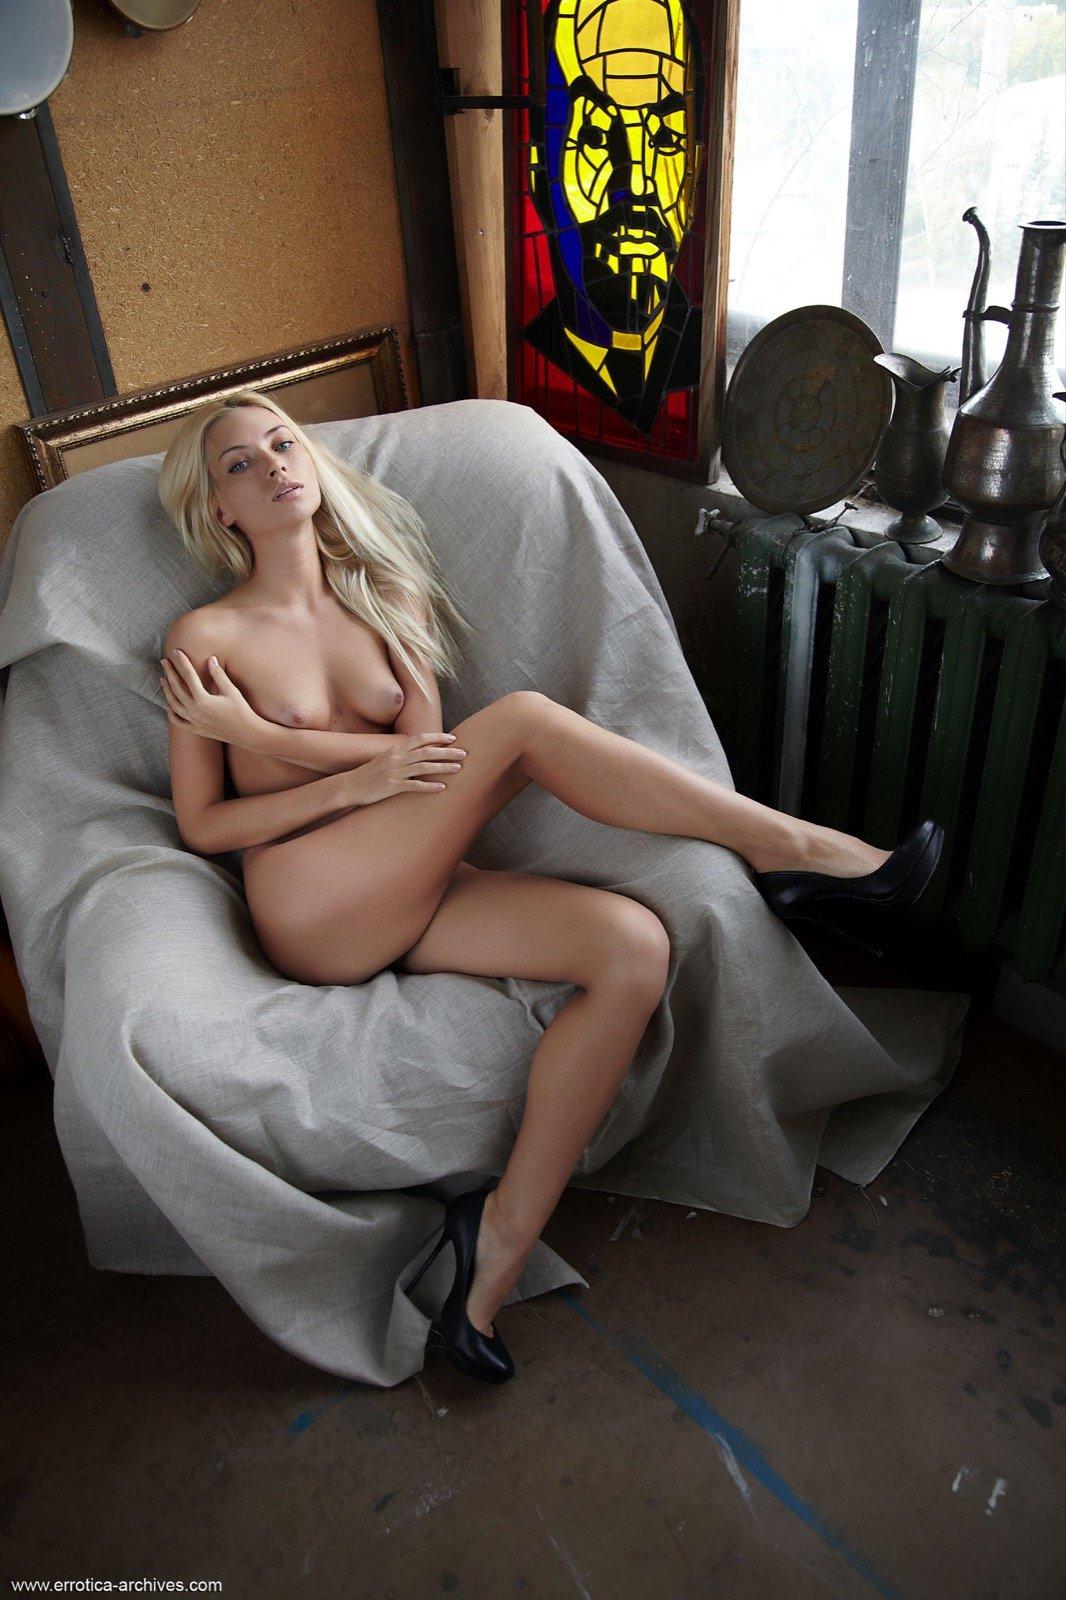 Обнаженная светлая порноактриса в туфлях разводит ноги в кресле